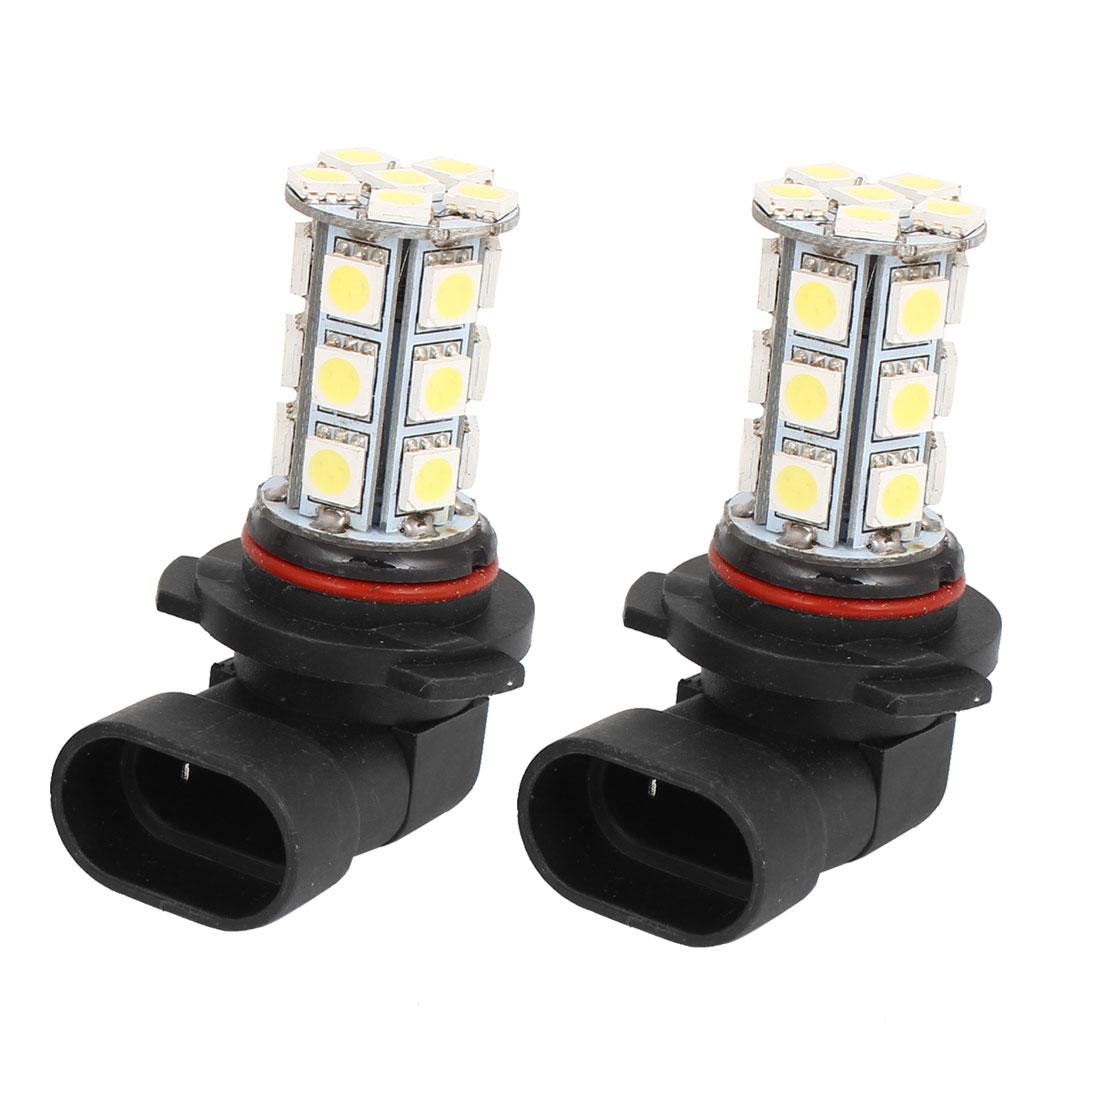 Car 24 LED 5050 SMD HB3 9005 HID White Fog Day DRL Light Lamp Bulb DC 12V 2 Pcs